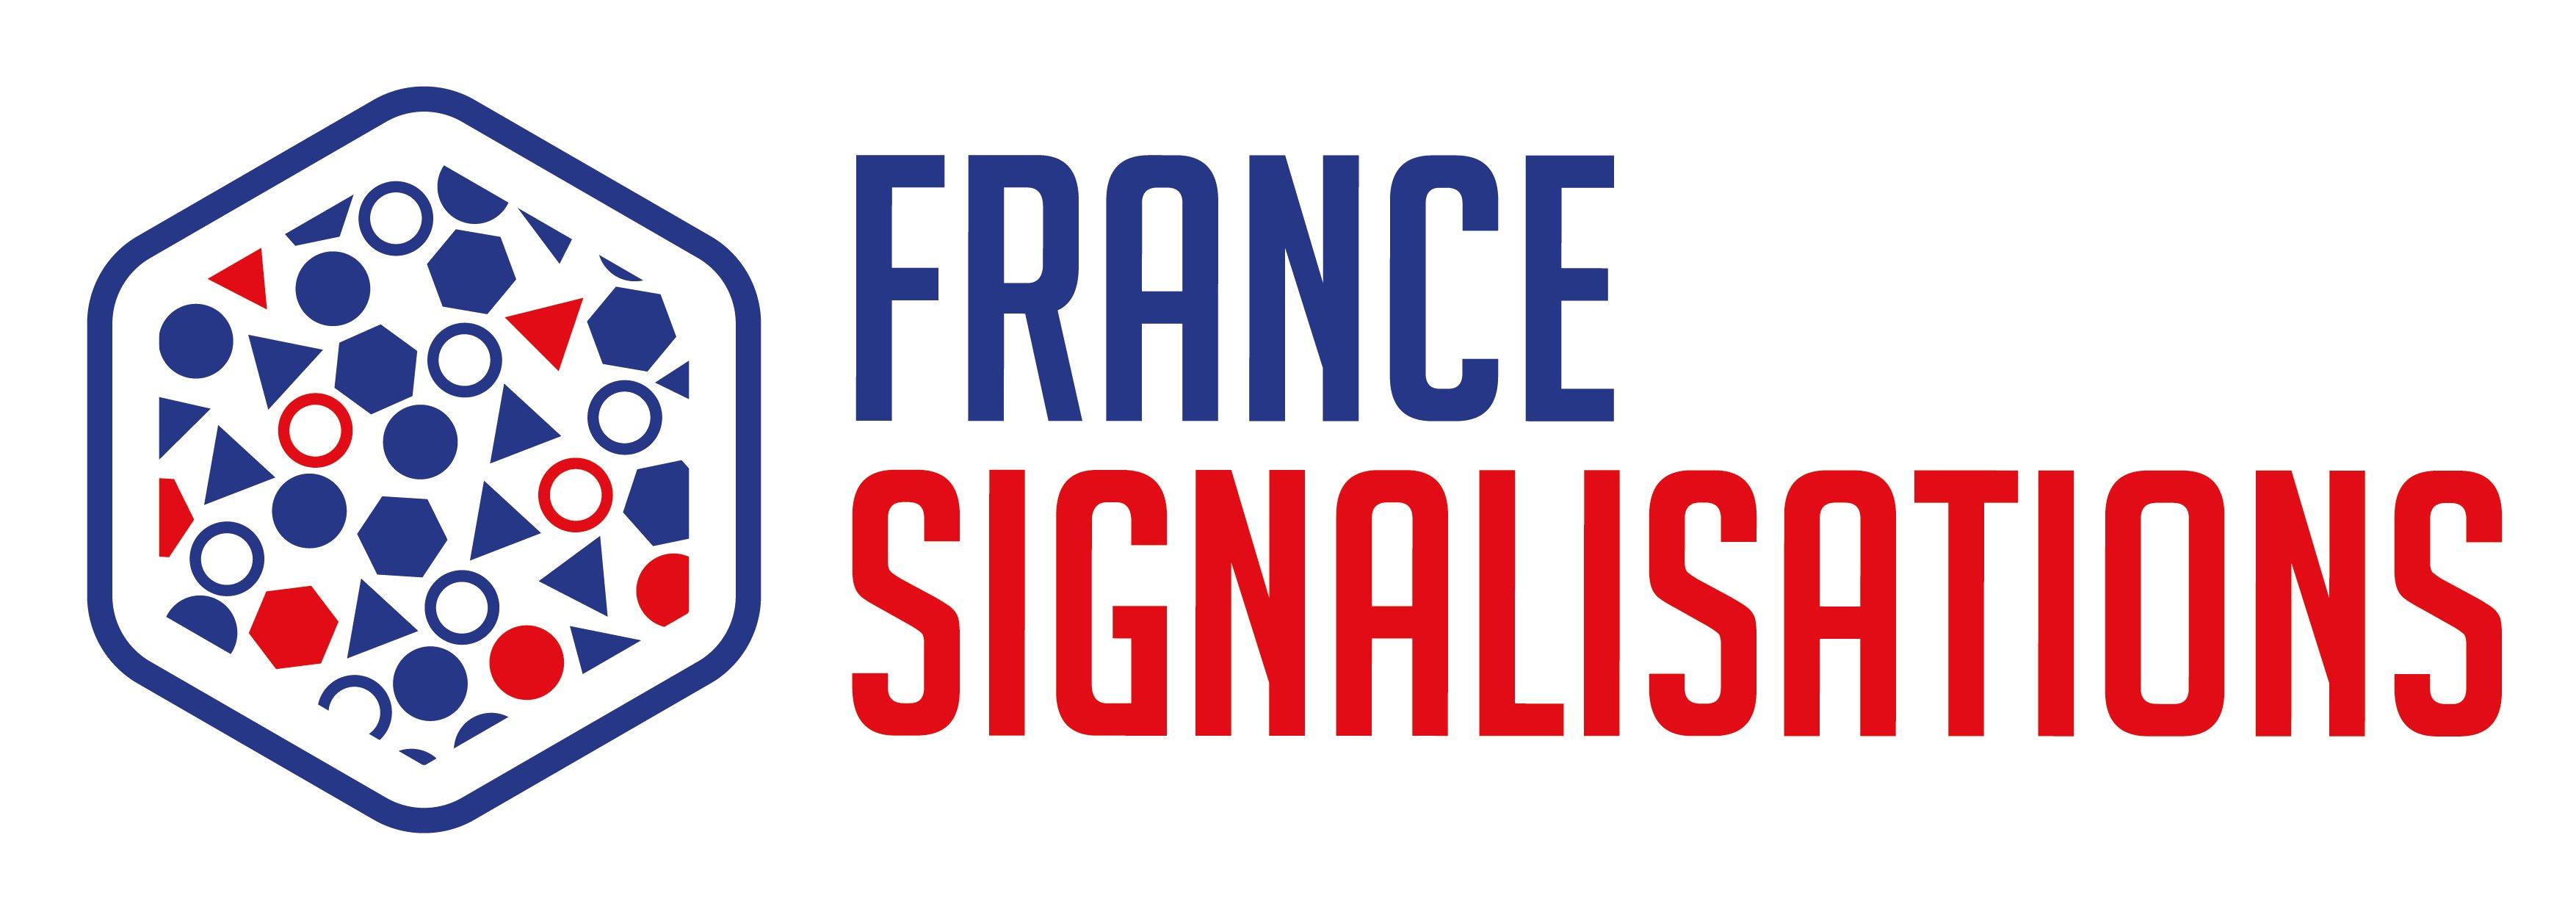 Ugau France Signalisations : le diagnostic de la signalisation verticale